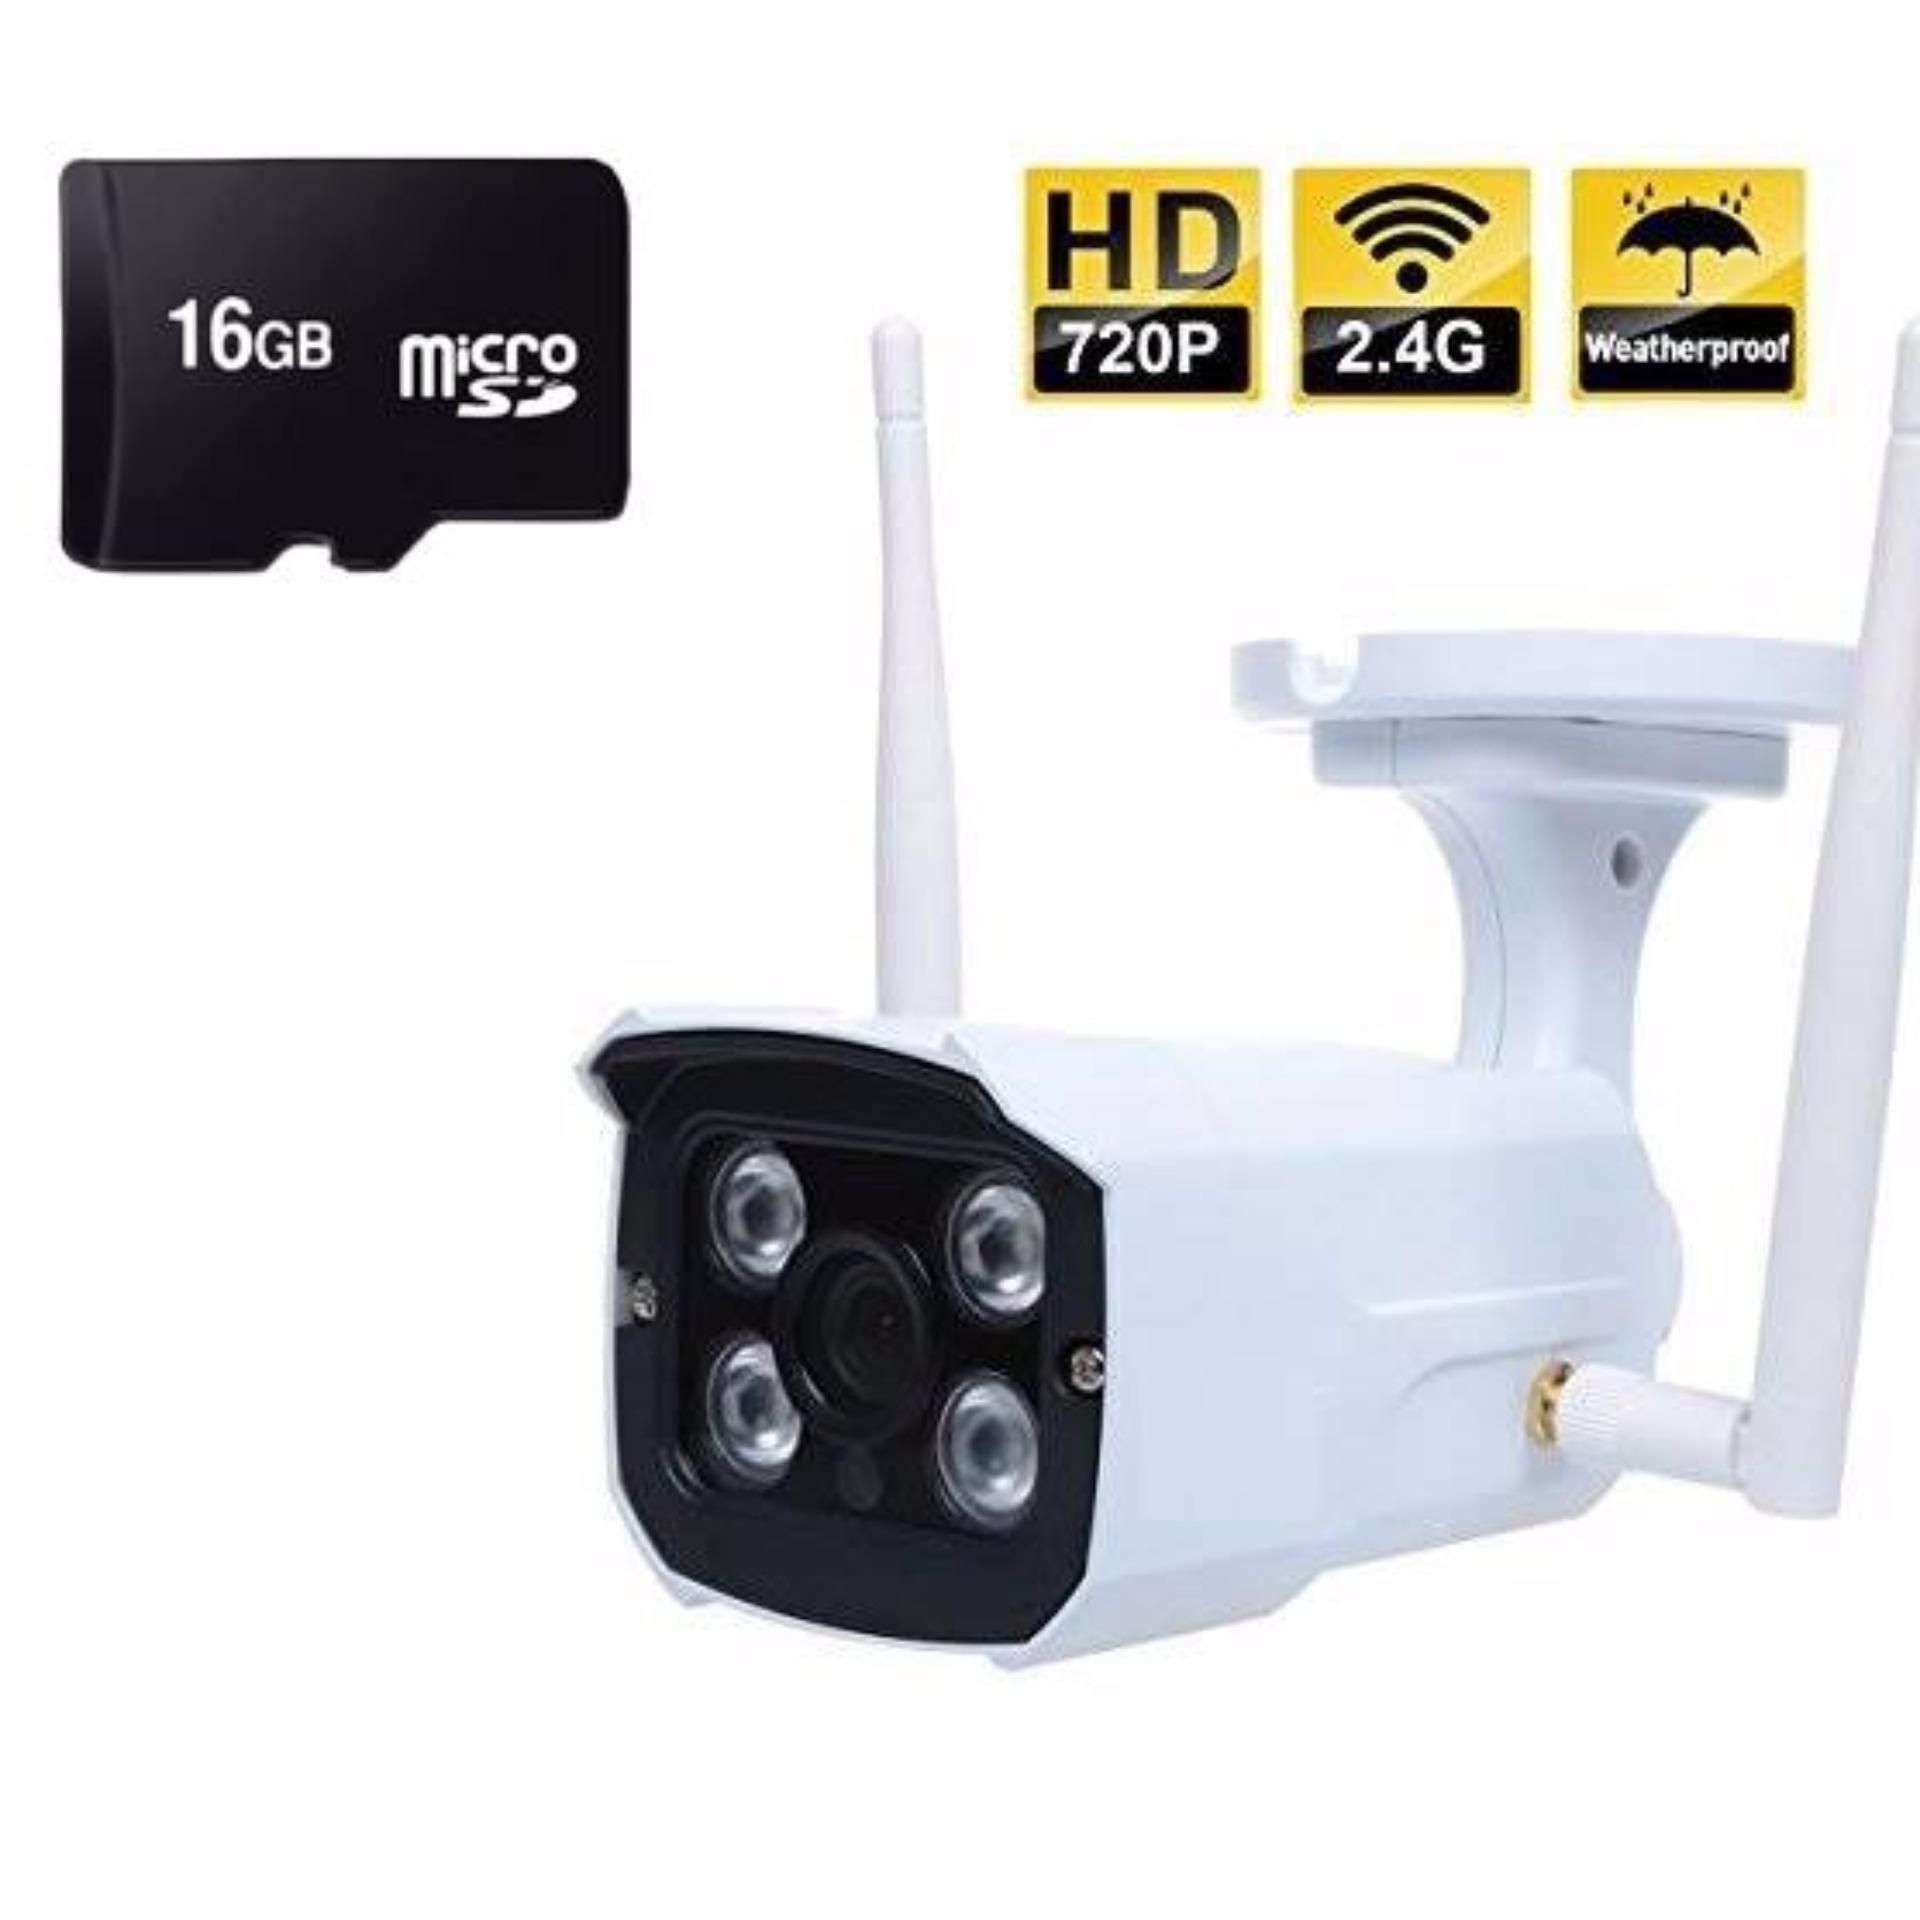 Camera IP Wifi ngoài trời NT03 kèm thẻ nhớ 16Gb